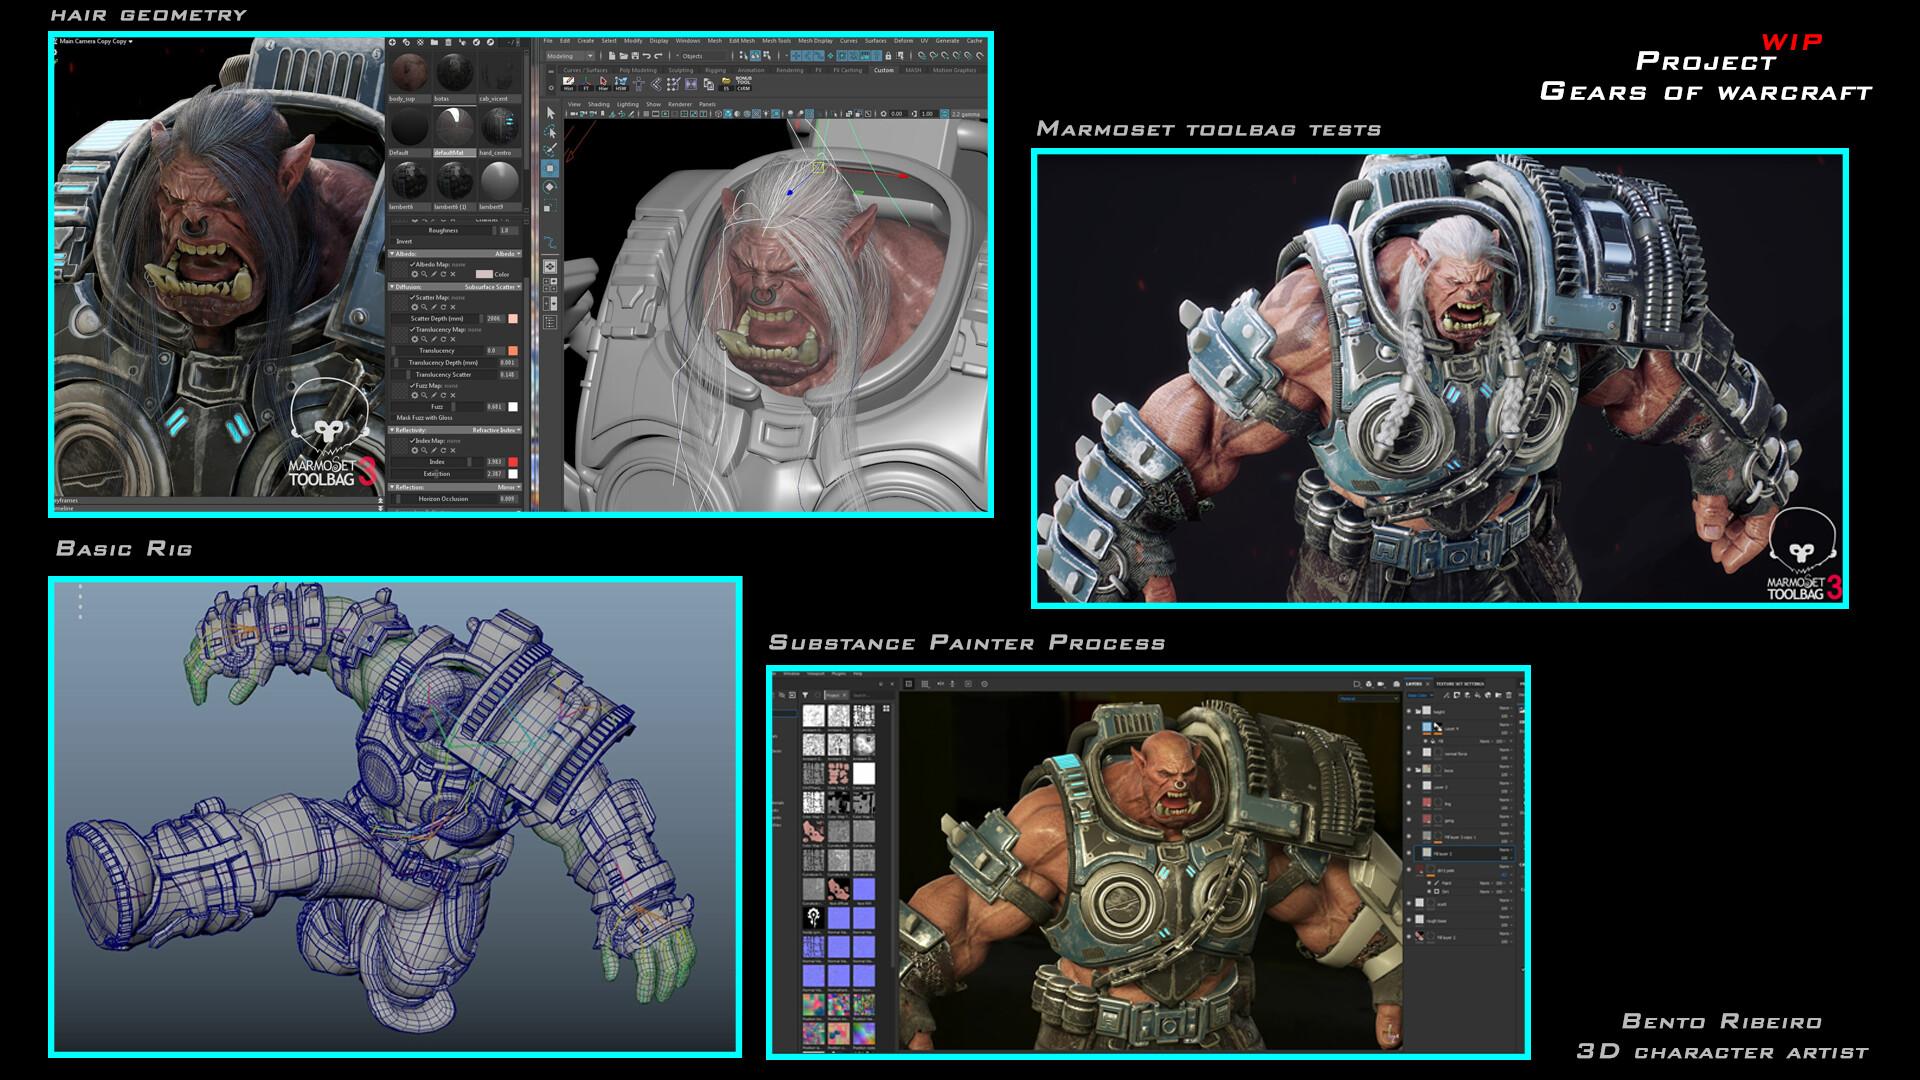 Gears of Warcraft recreación Fan Art por Bento Ribeiro